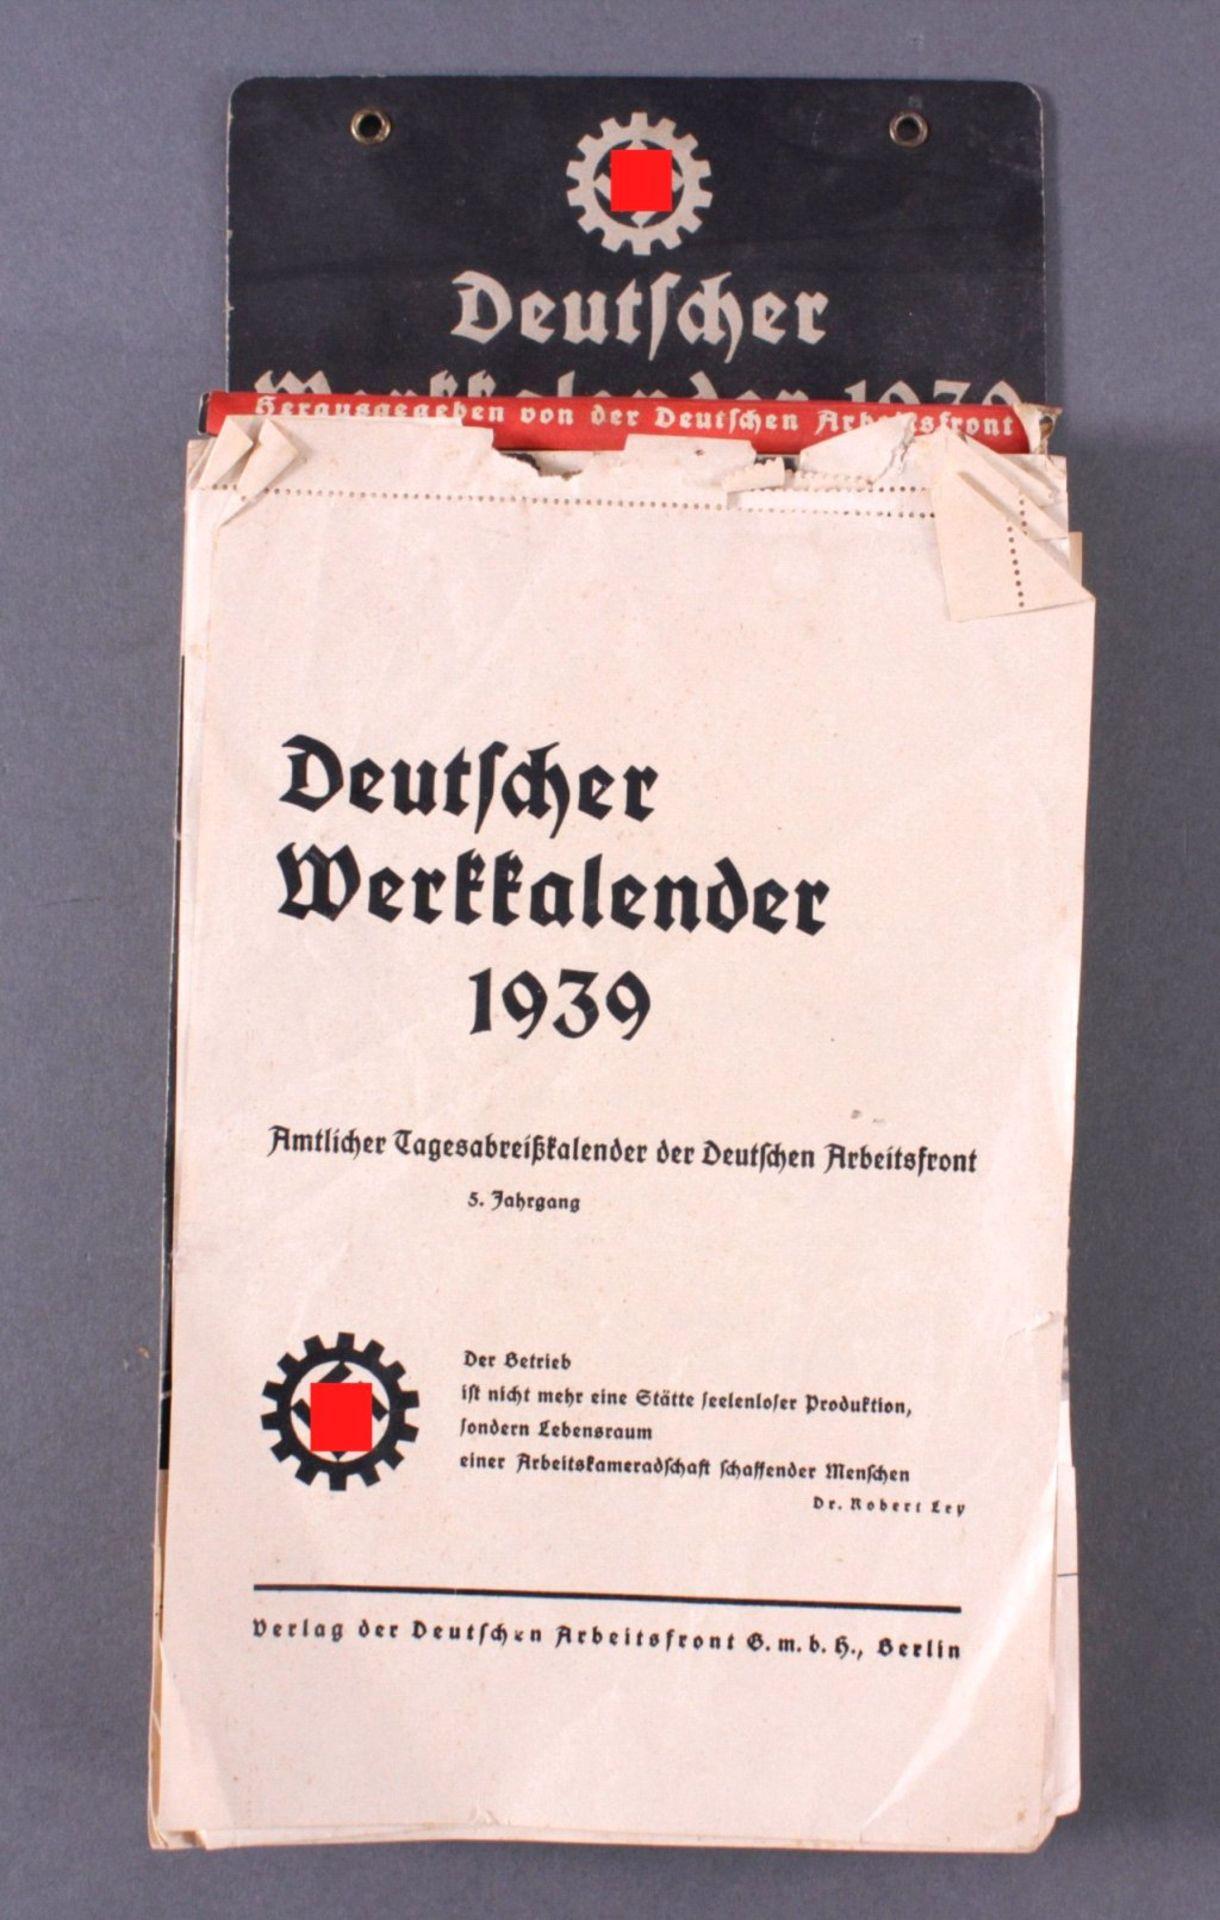 Abreißkalender, DAF Deutscher Werkkalender 1939Amtlicher Tagesabreißkalender der Deutschen